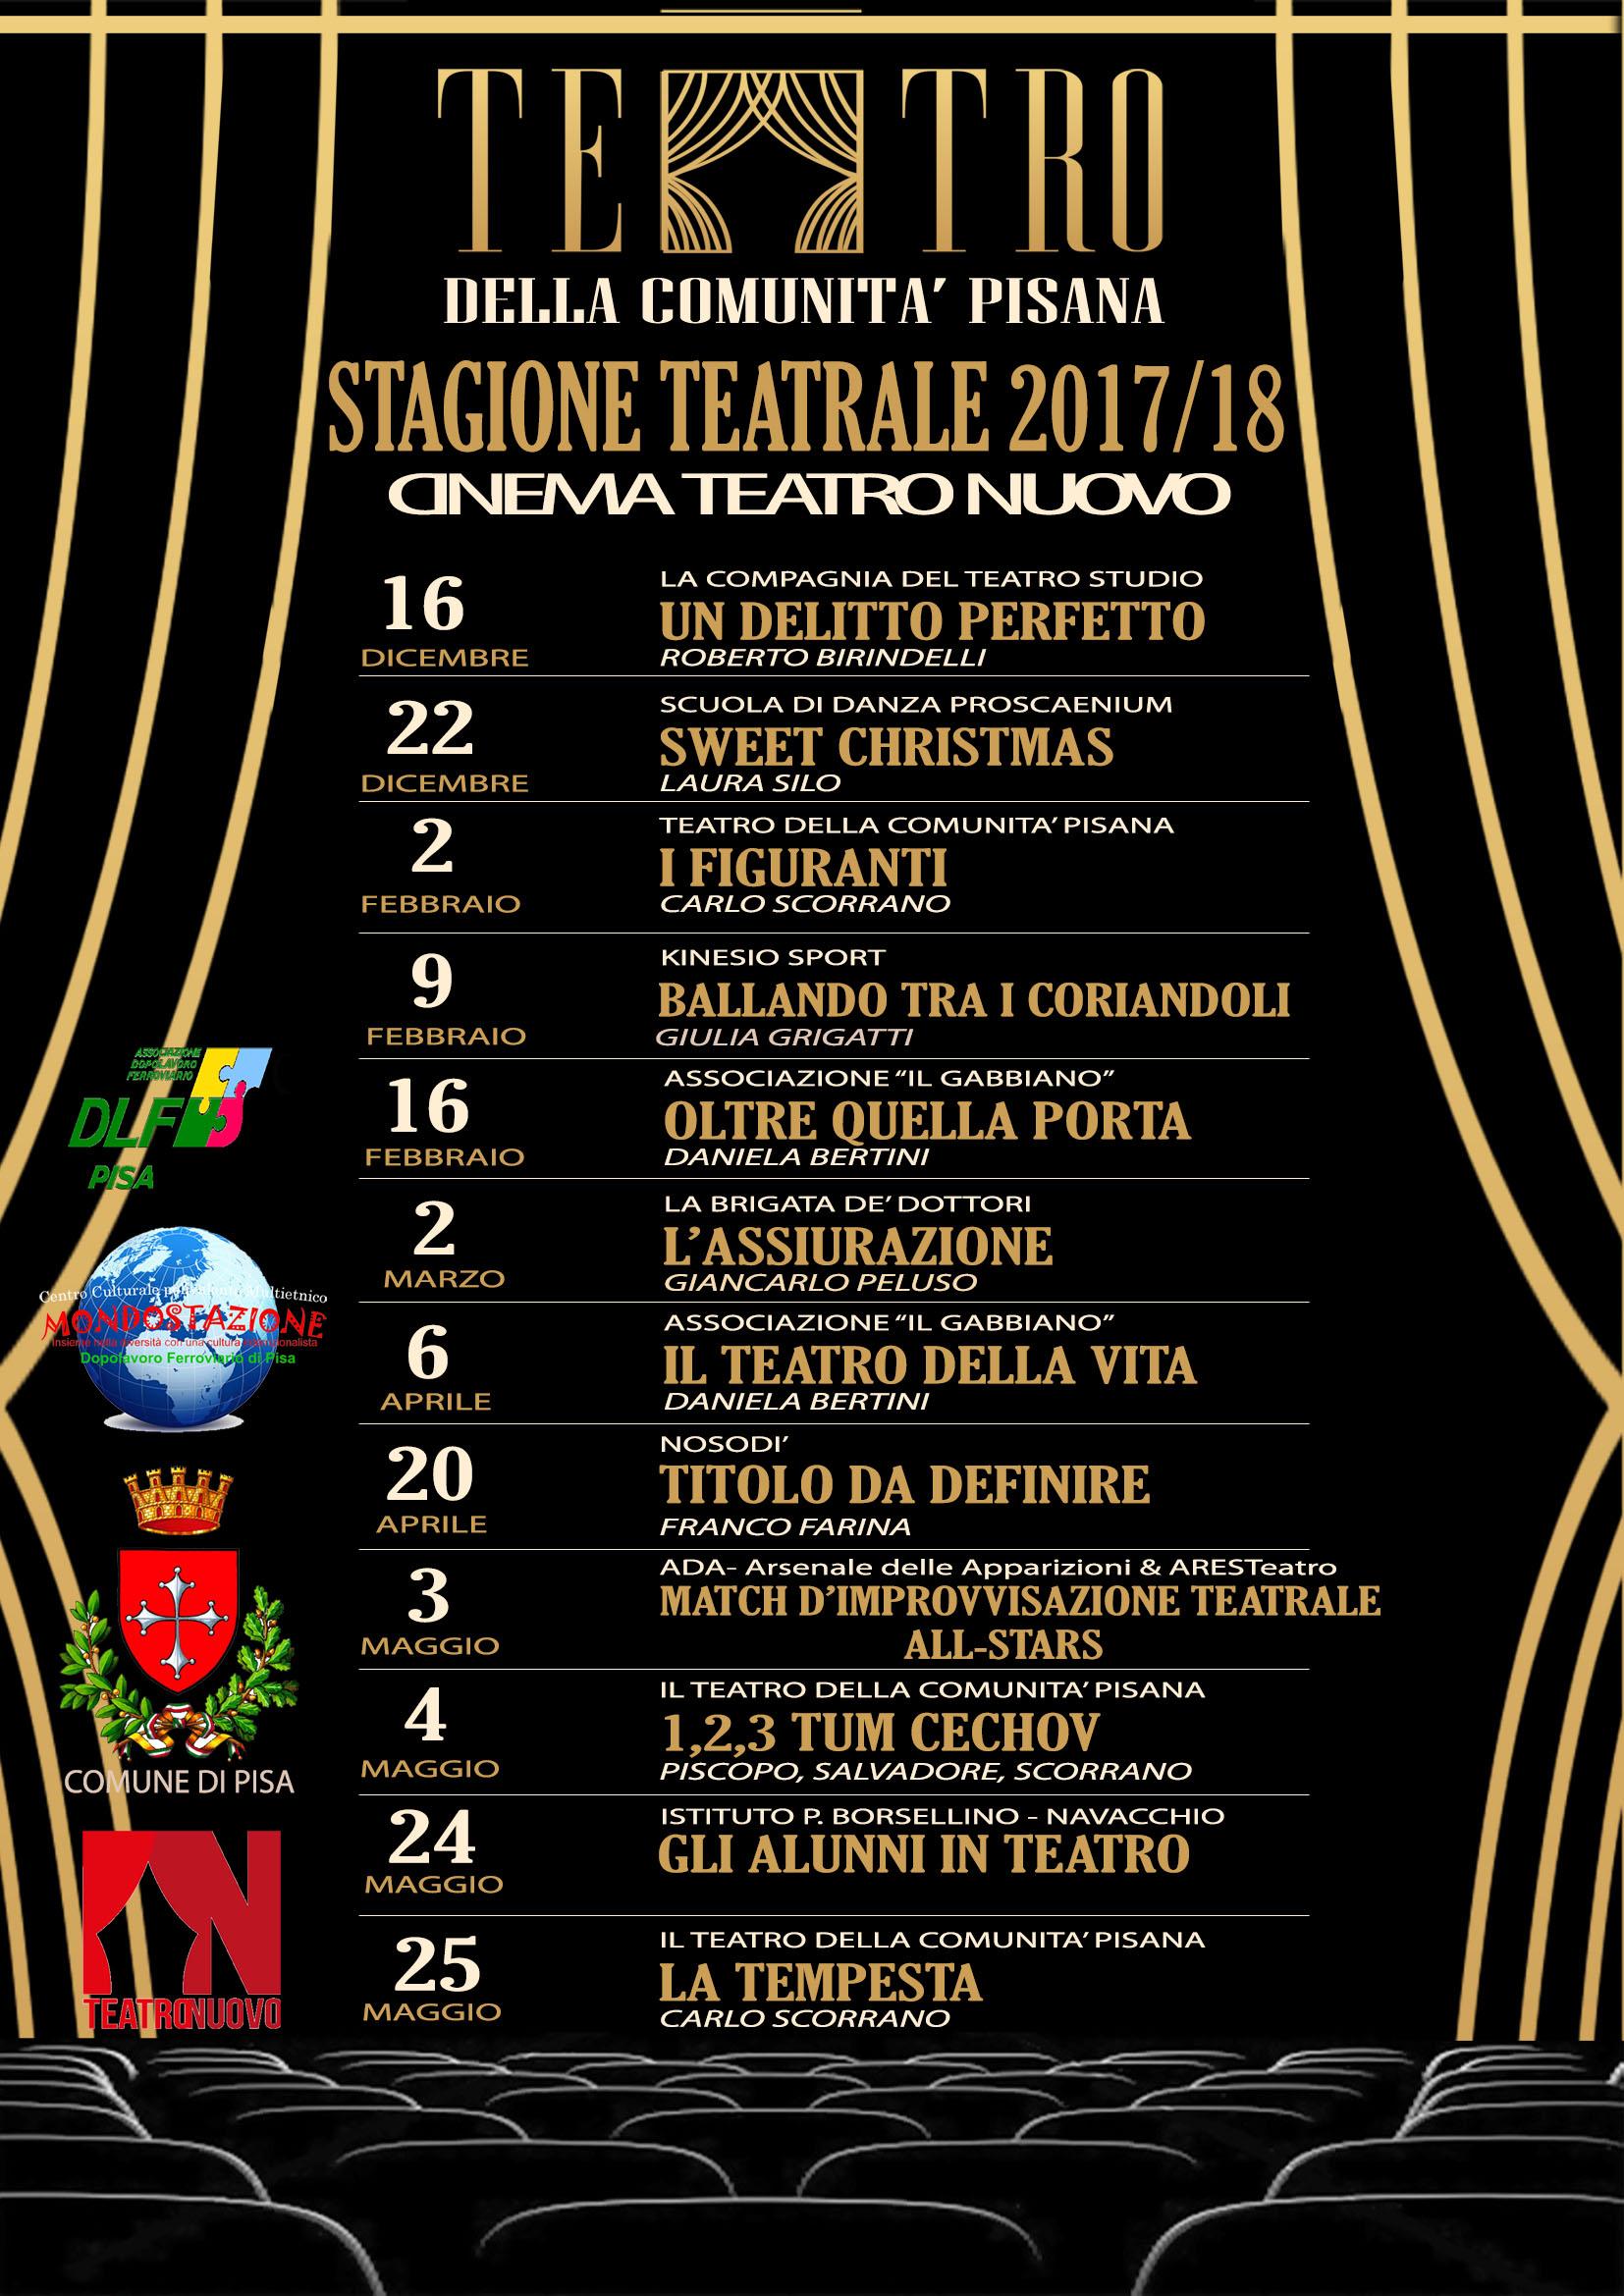 Cartellone 2017/2018 del TEATRO DELLA COMUNITA' PISANA